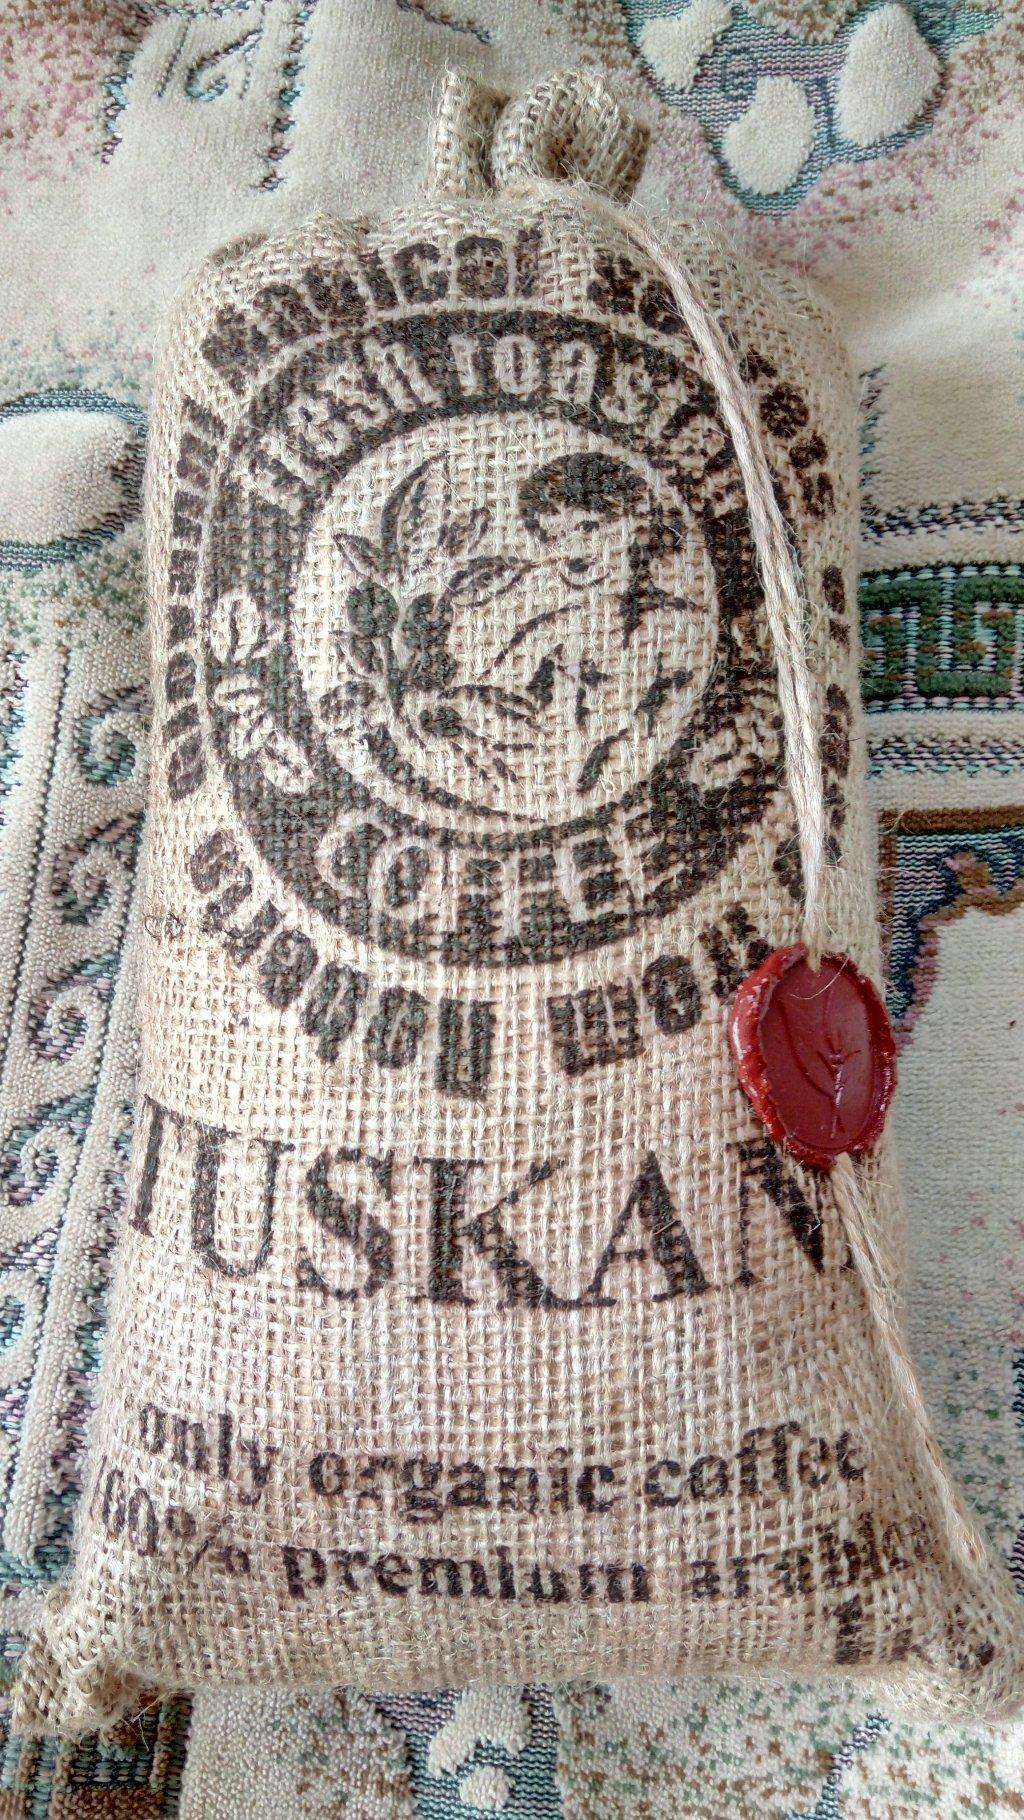 кофе tuskani 100% арабика - Классный кофе в зернах. Очень презентабельный )